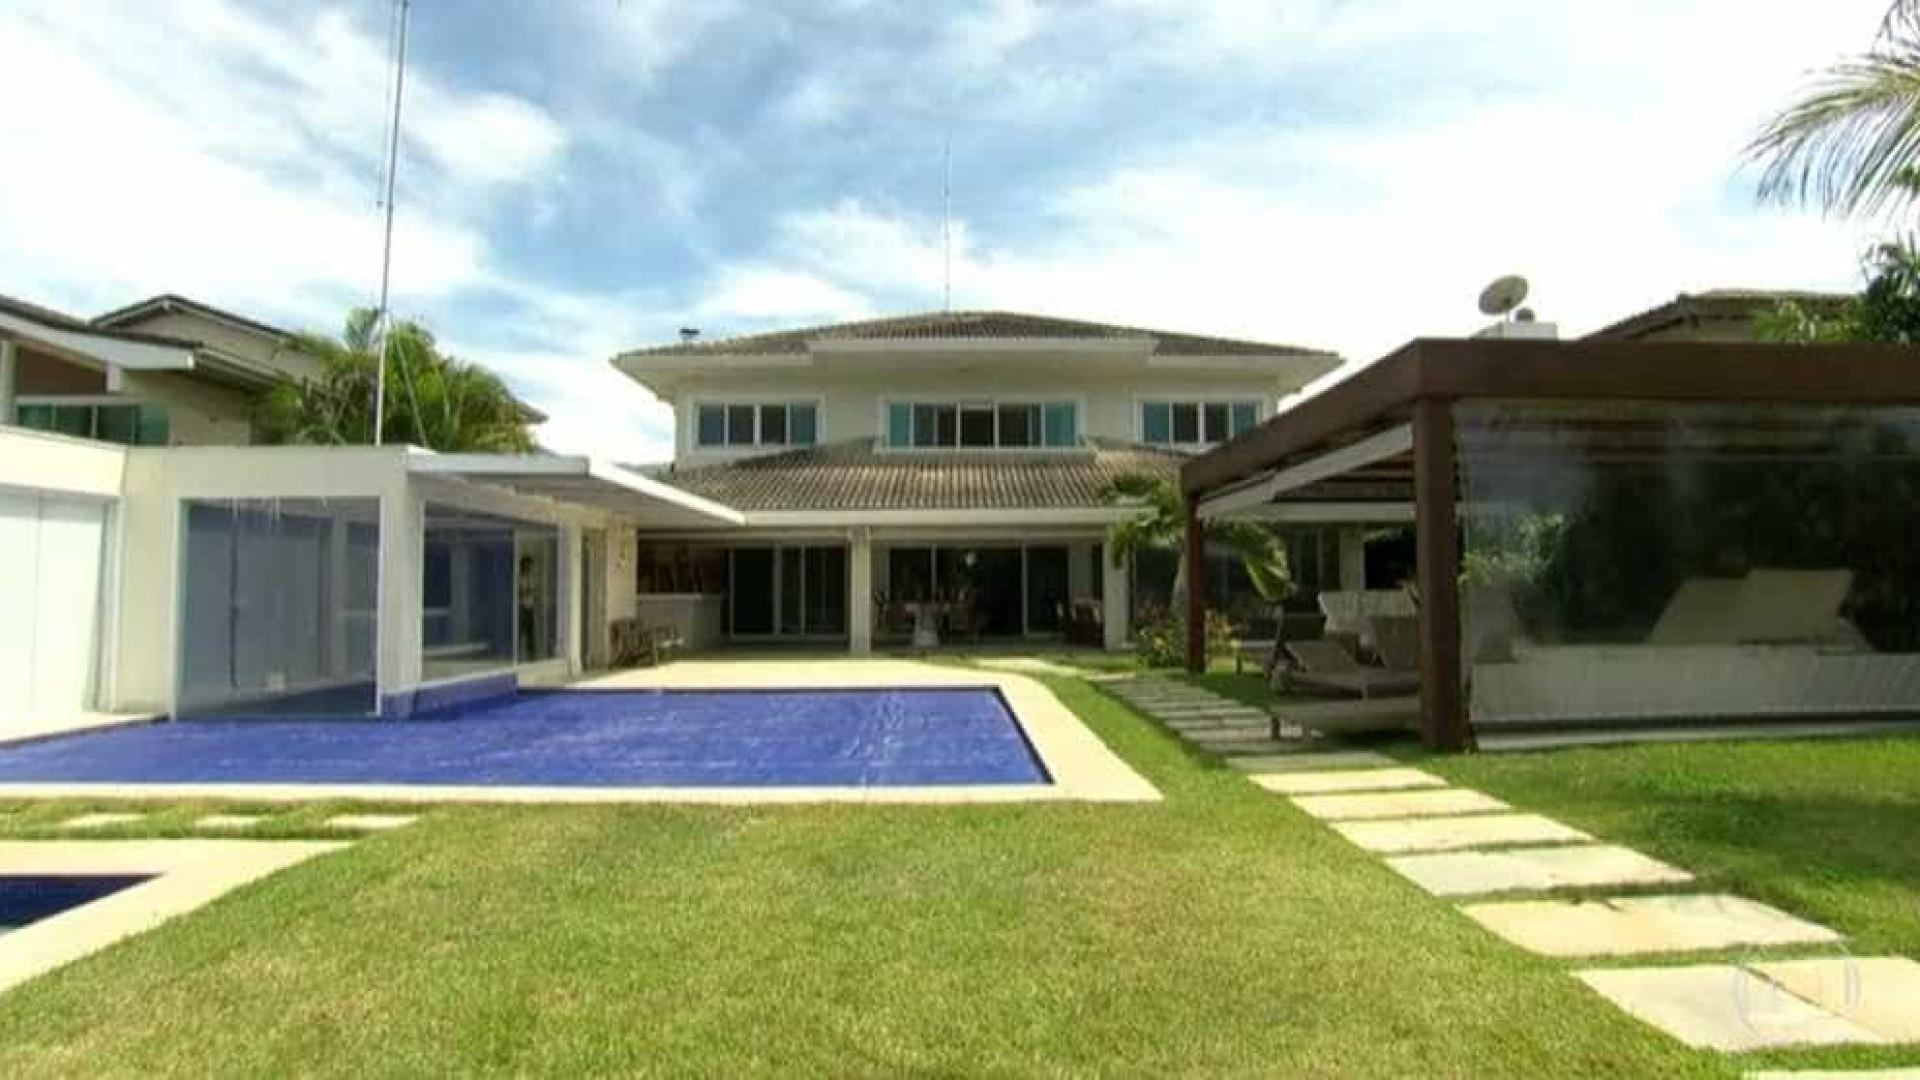 Casa de Cabral é leiloada por R$ 6,4 milhões